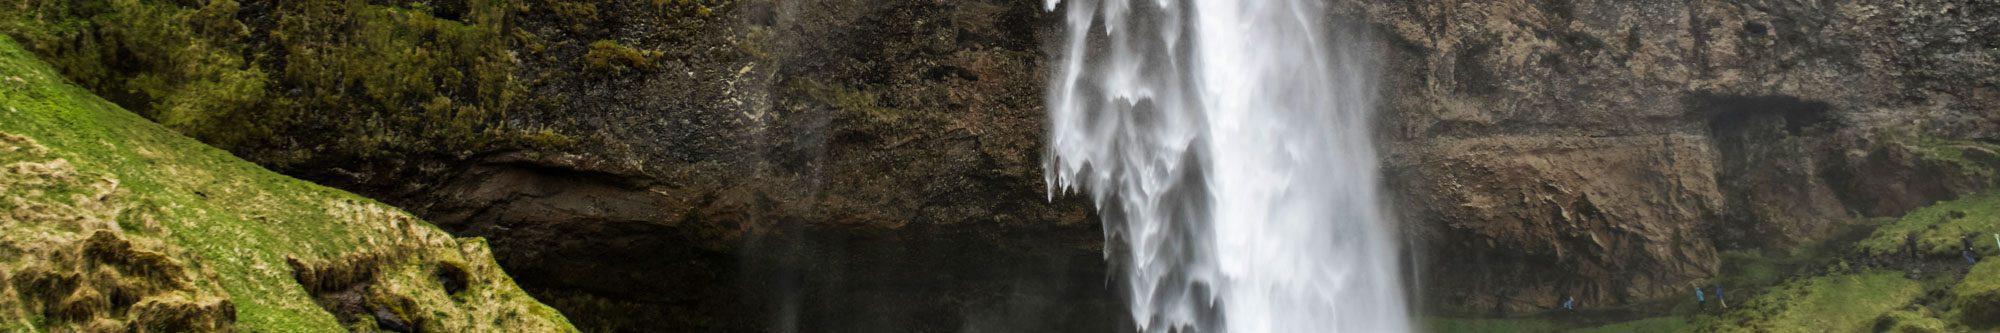 塞里雅兰瀑布奔流